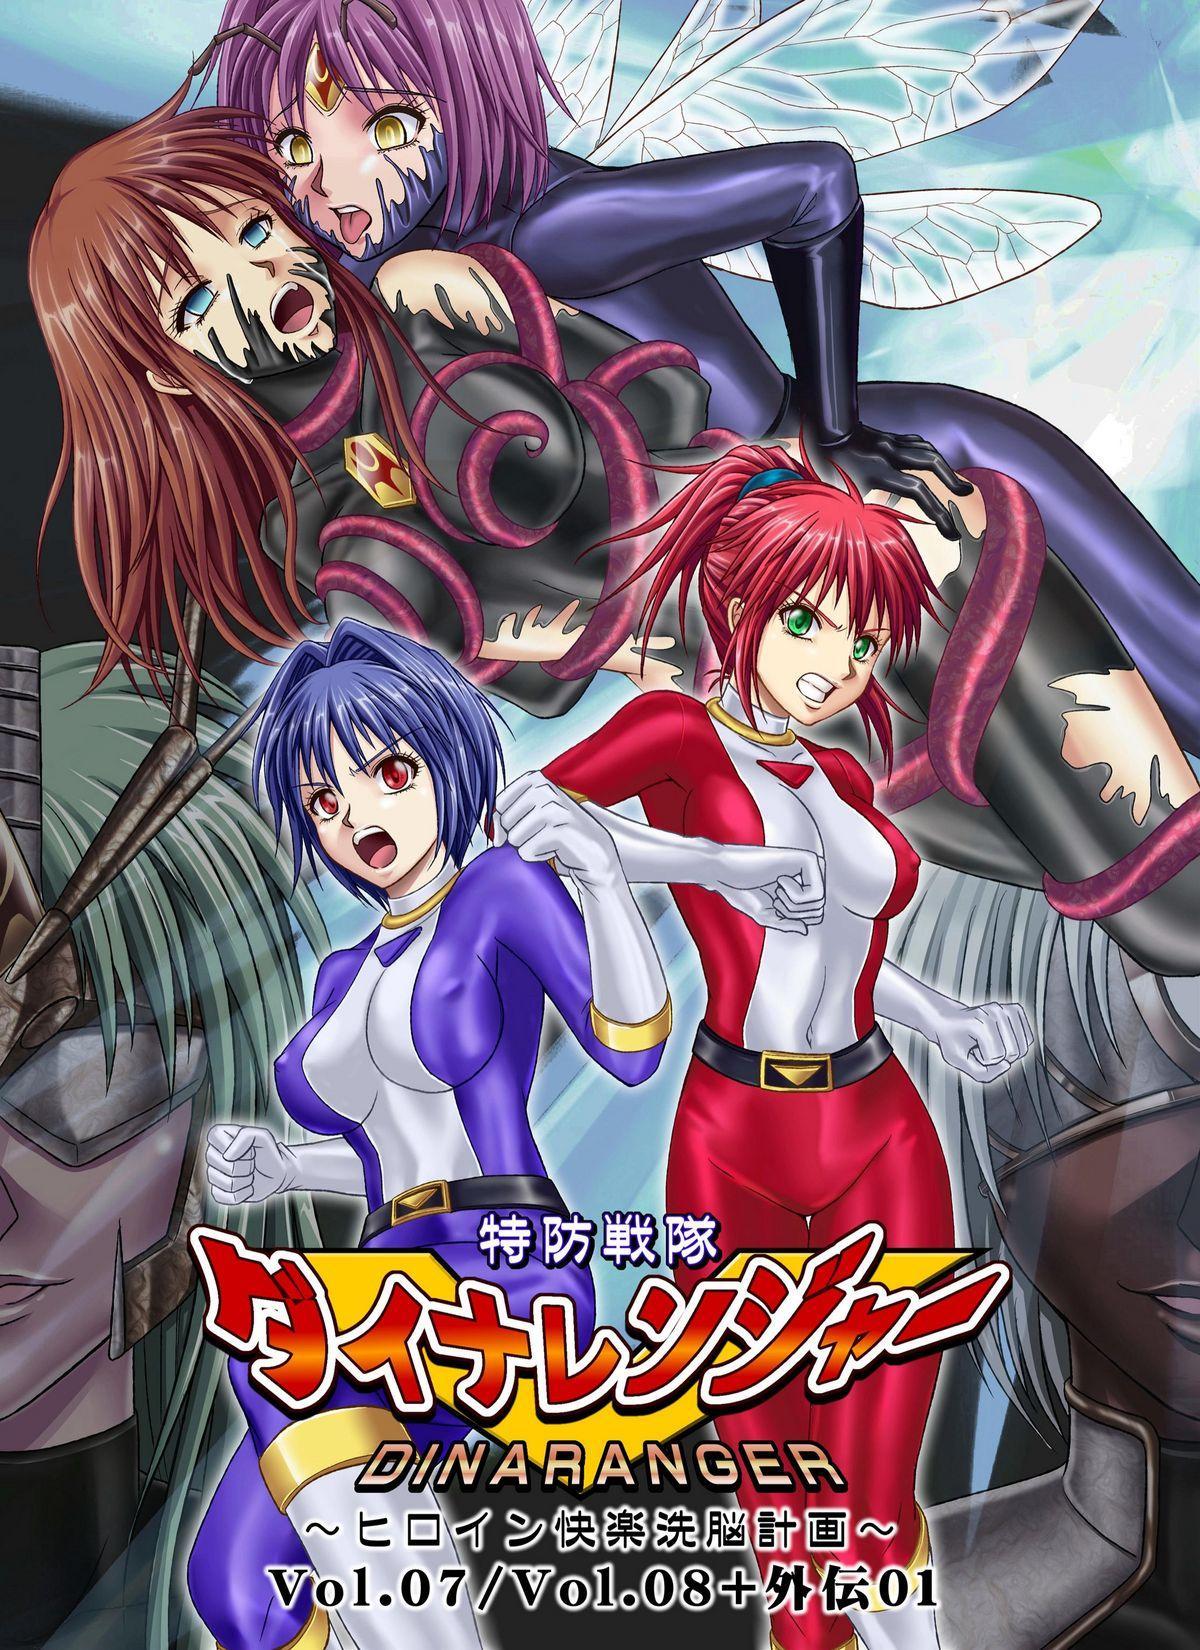 [Macxe's (monmon)] Tokubousentai Dinaranger ~Heroine Kairaku Sennou Keikaku~ Vol. 07/08/Gaiden01 [English] [SaHa] 0